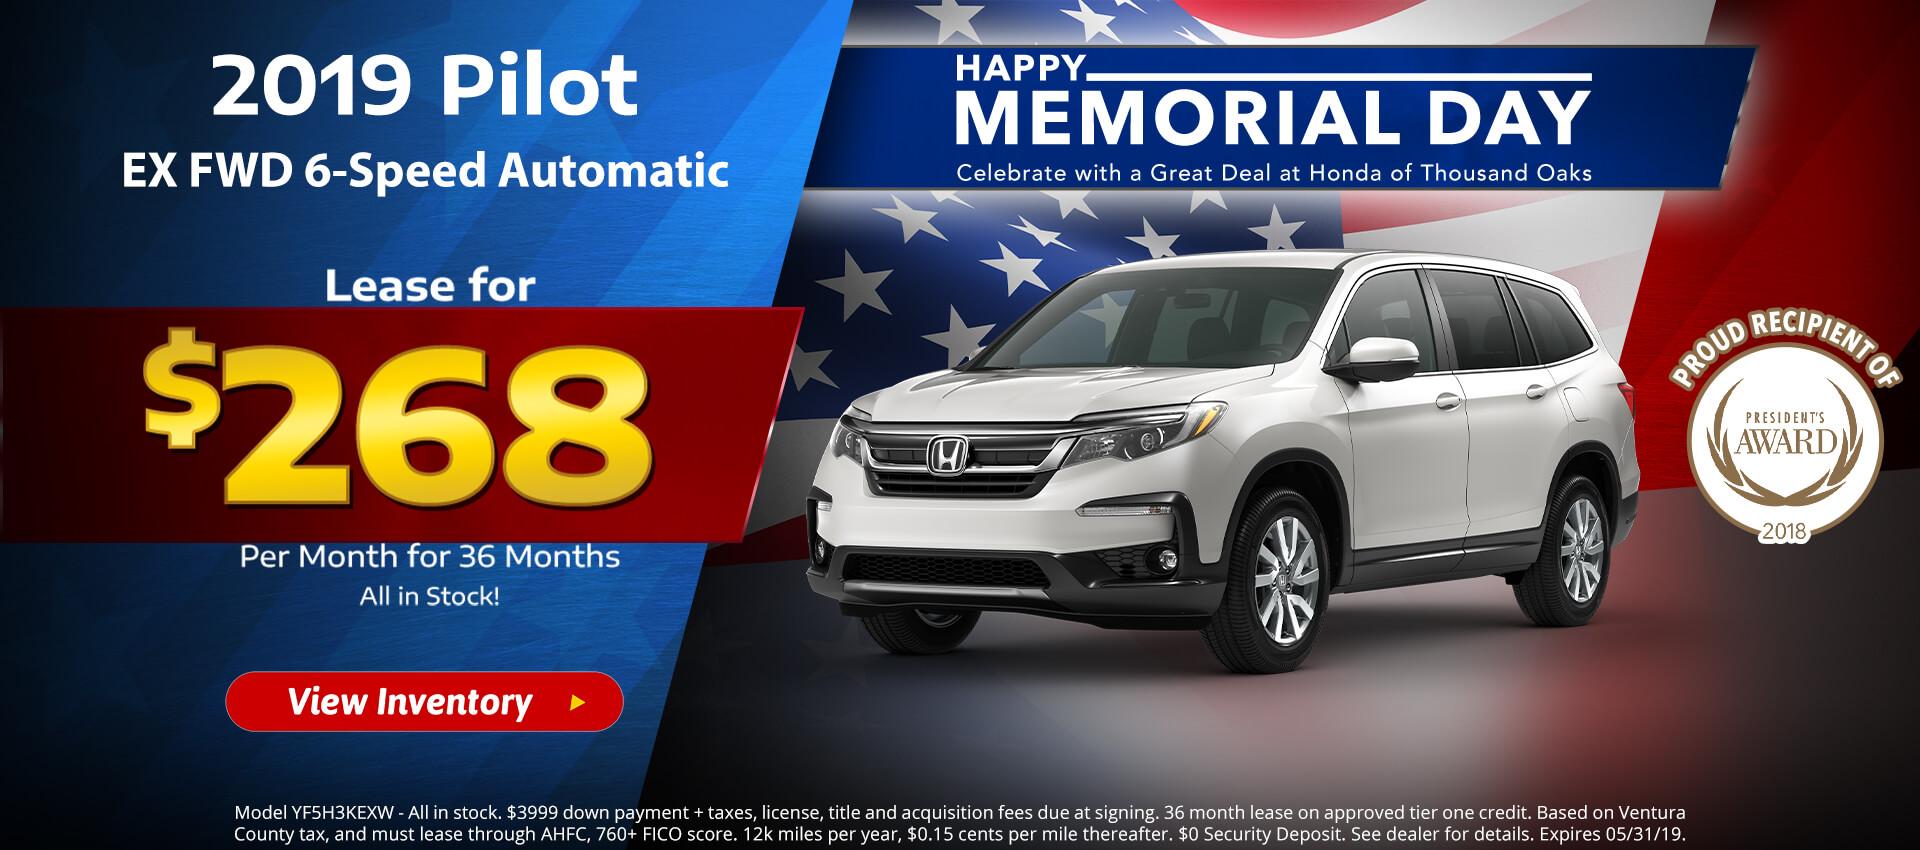 Honda Pilot $268 Lease